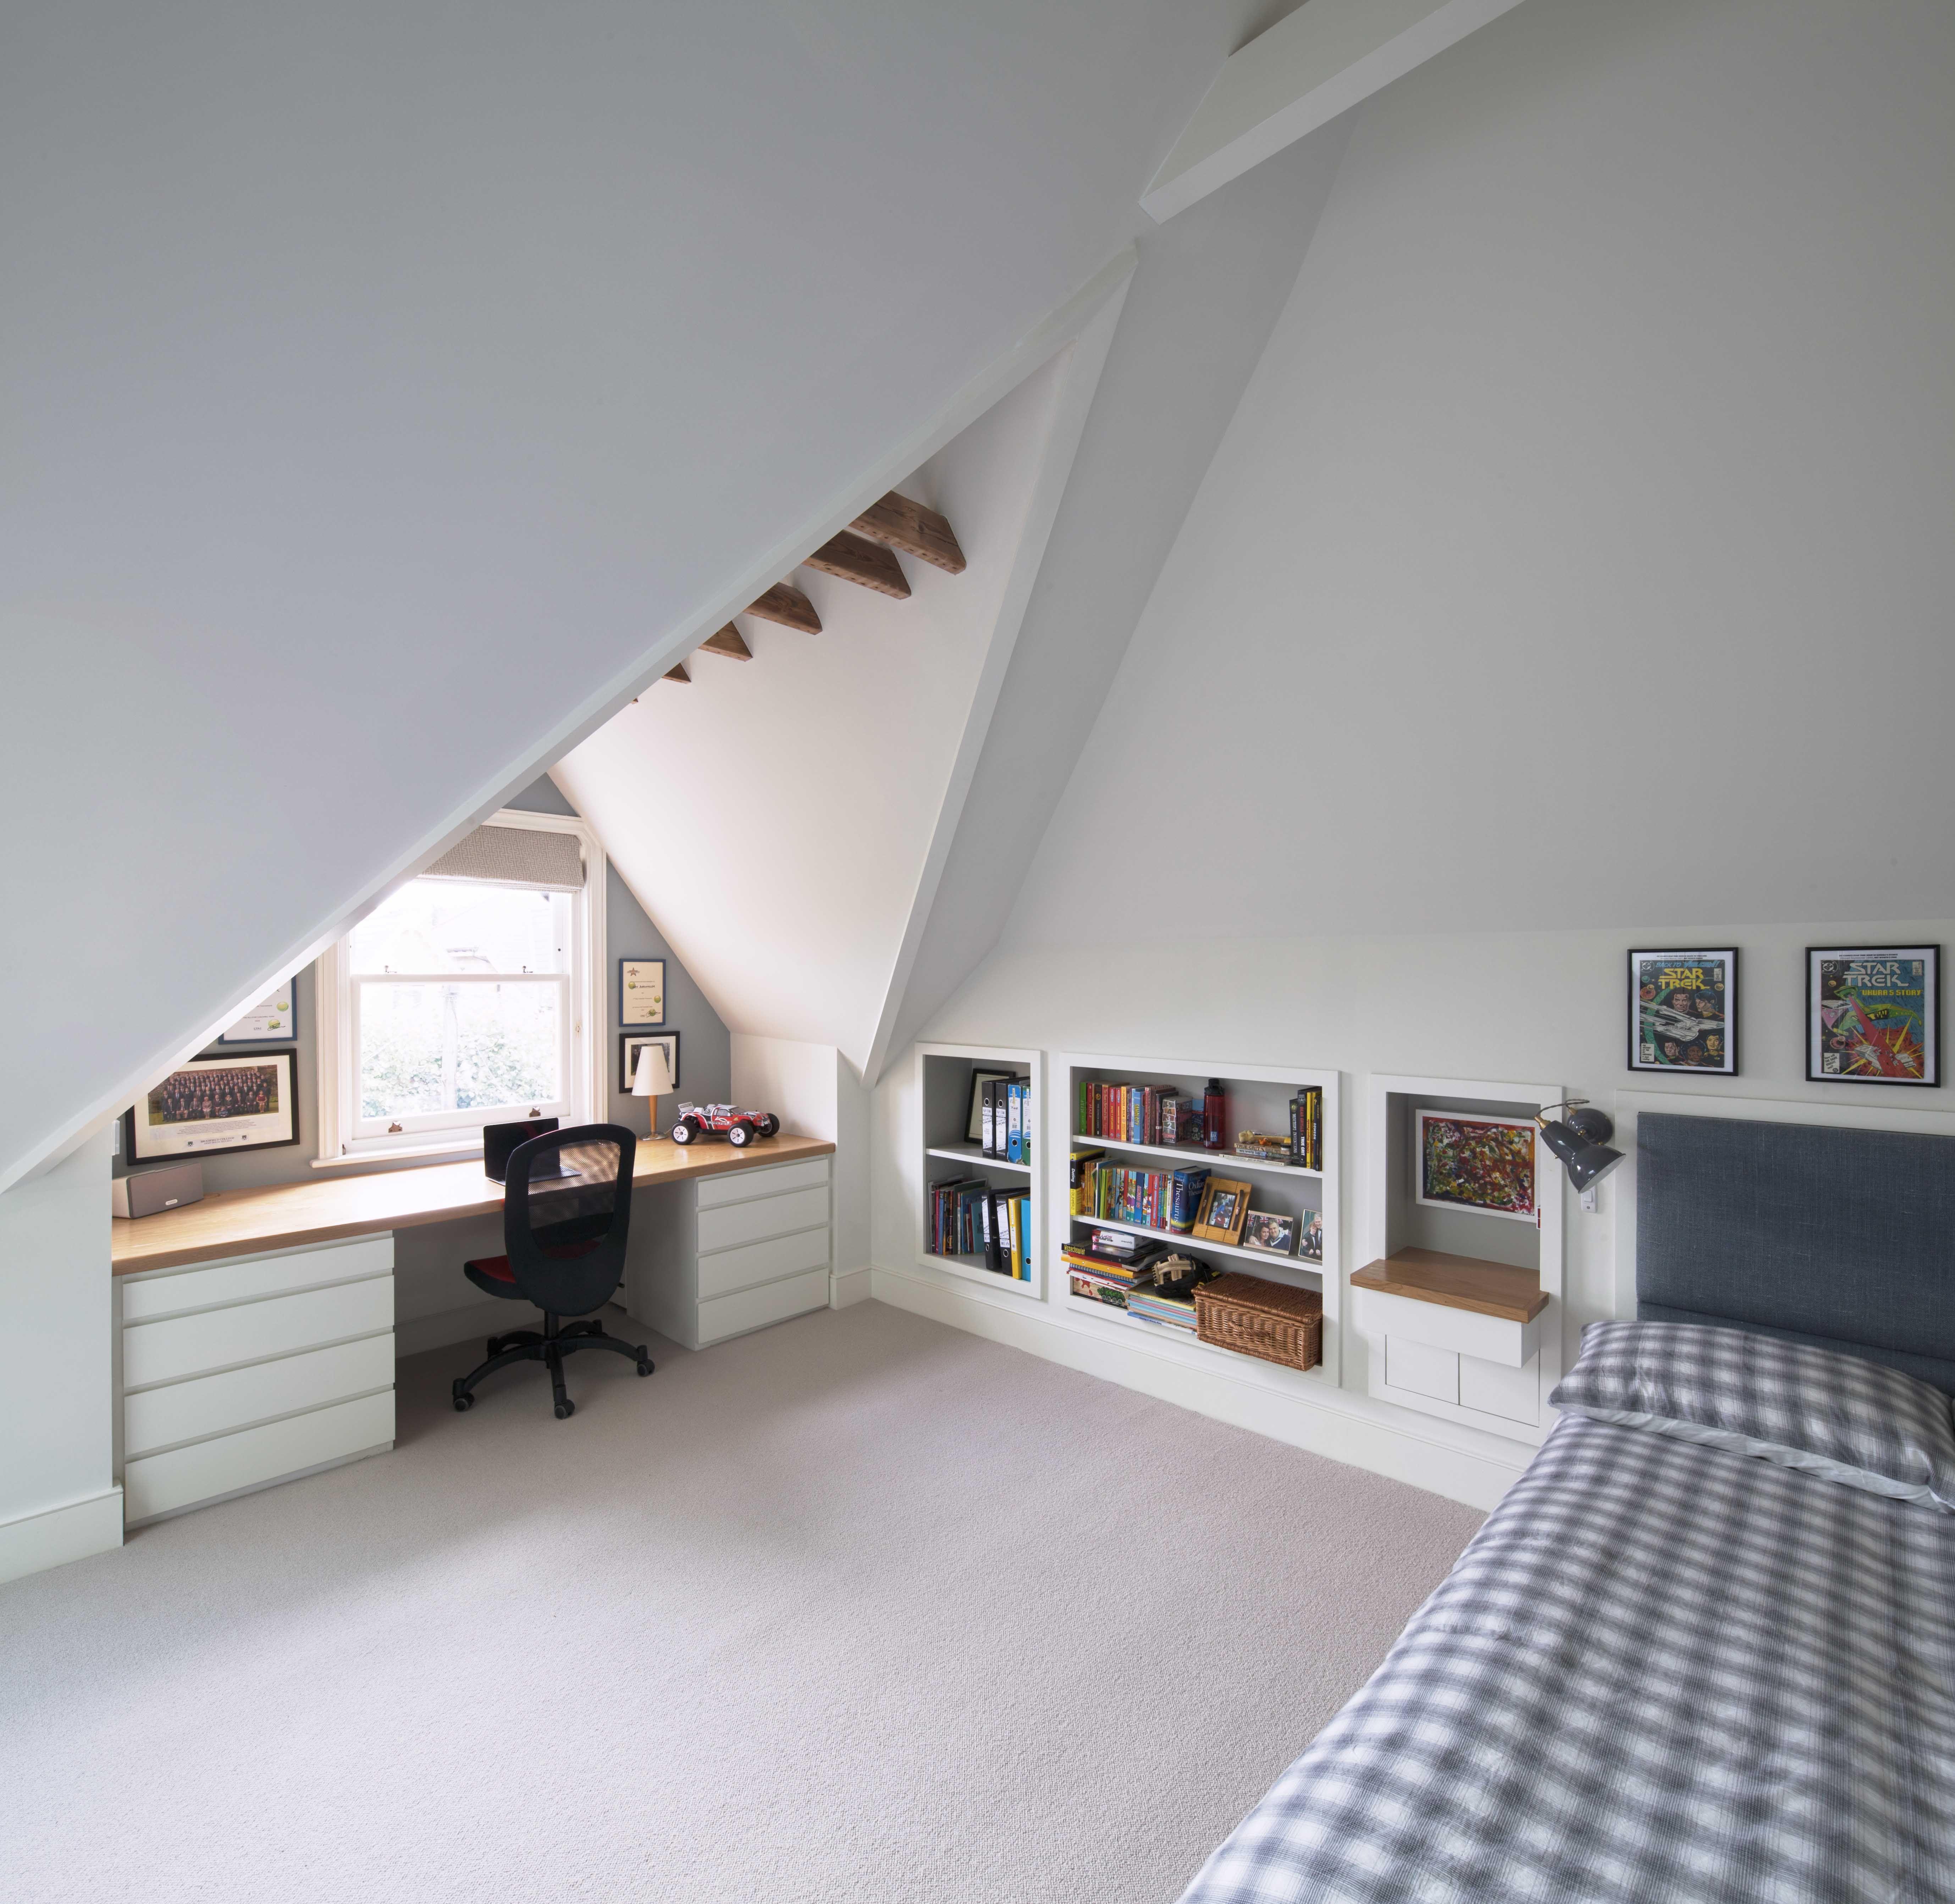 Bedroom Study Area, Desk In Window, Under The Eaves, Oak